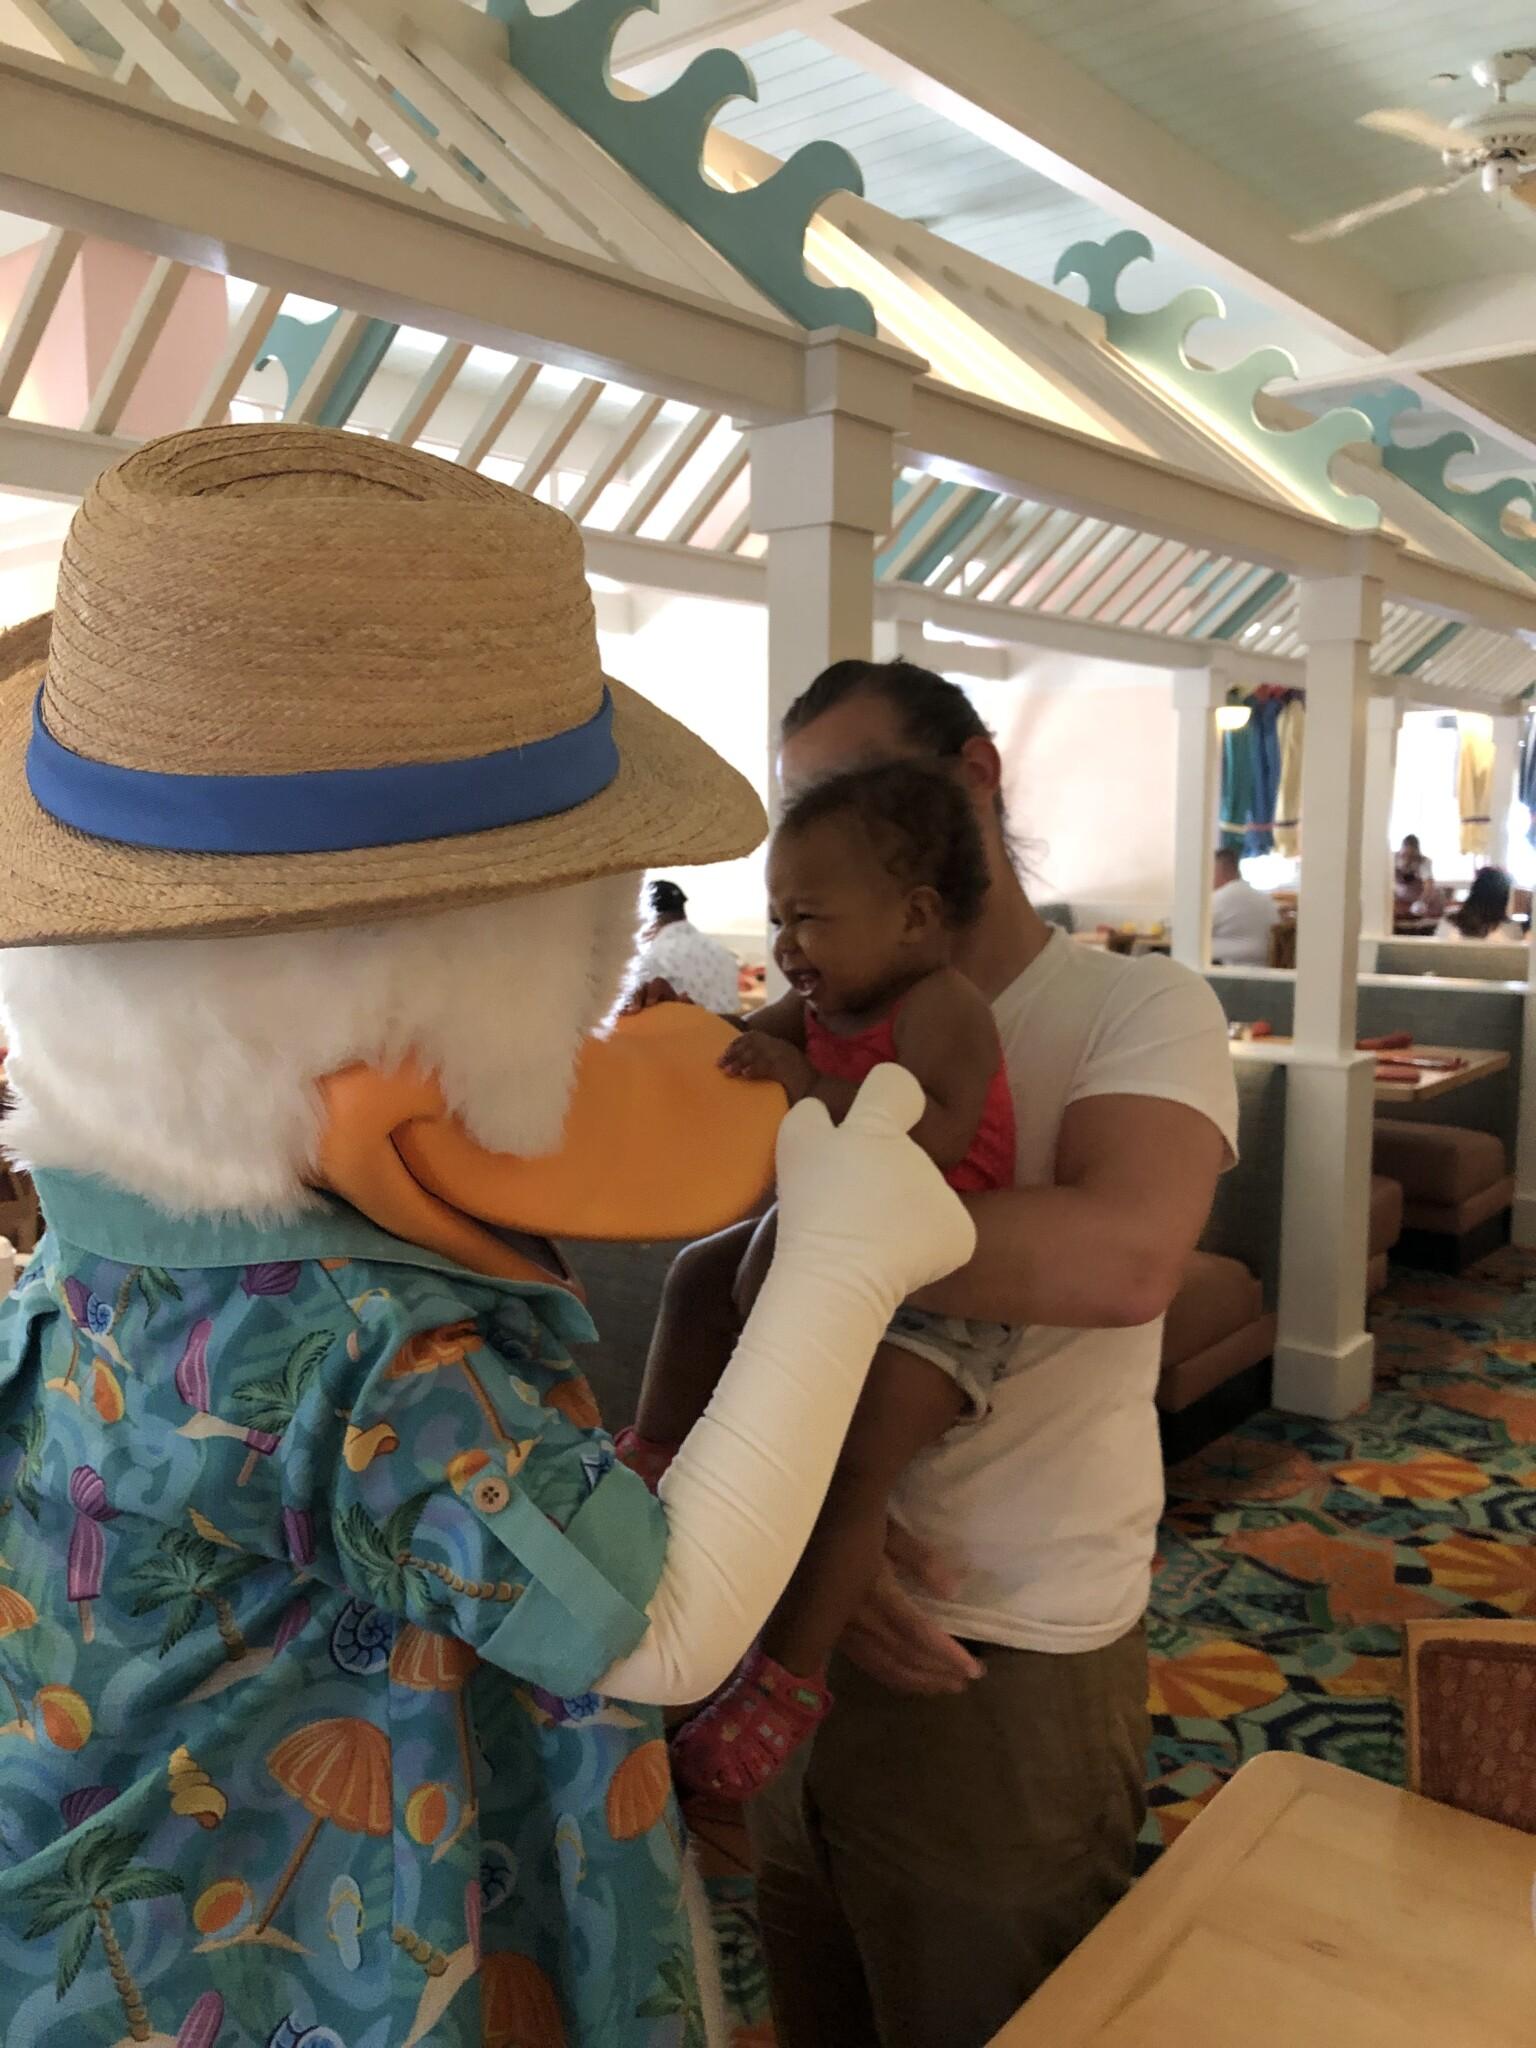 2 semaines en Floride avec un bébé de 1 an - Séjour du 2 au 16 mai 2019 DCL + WDW - Page 18 IMG_1412-1536x2048